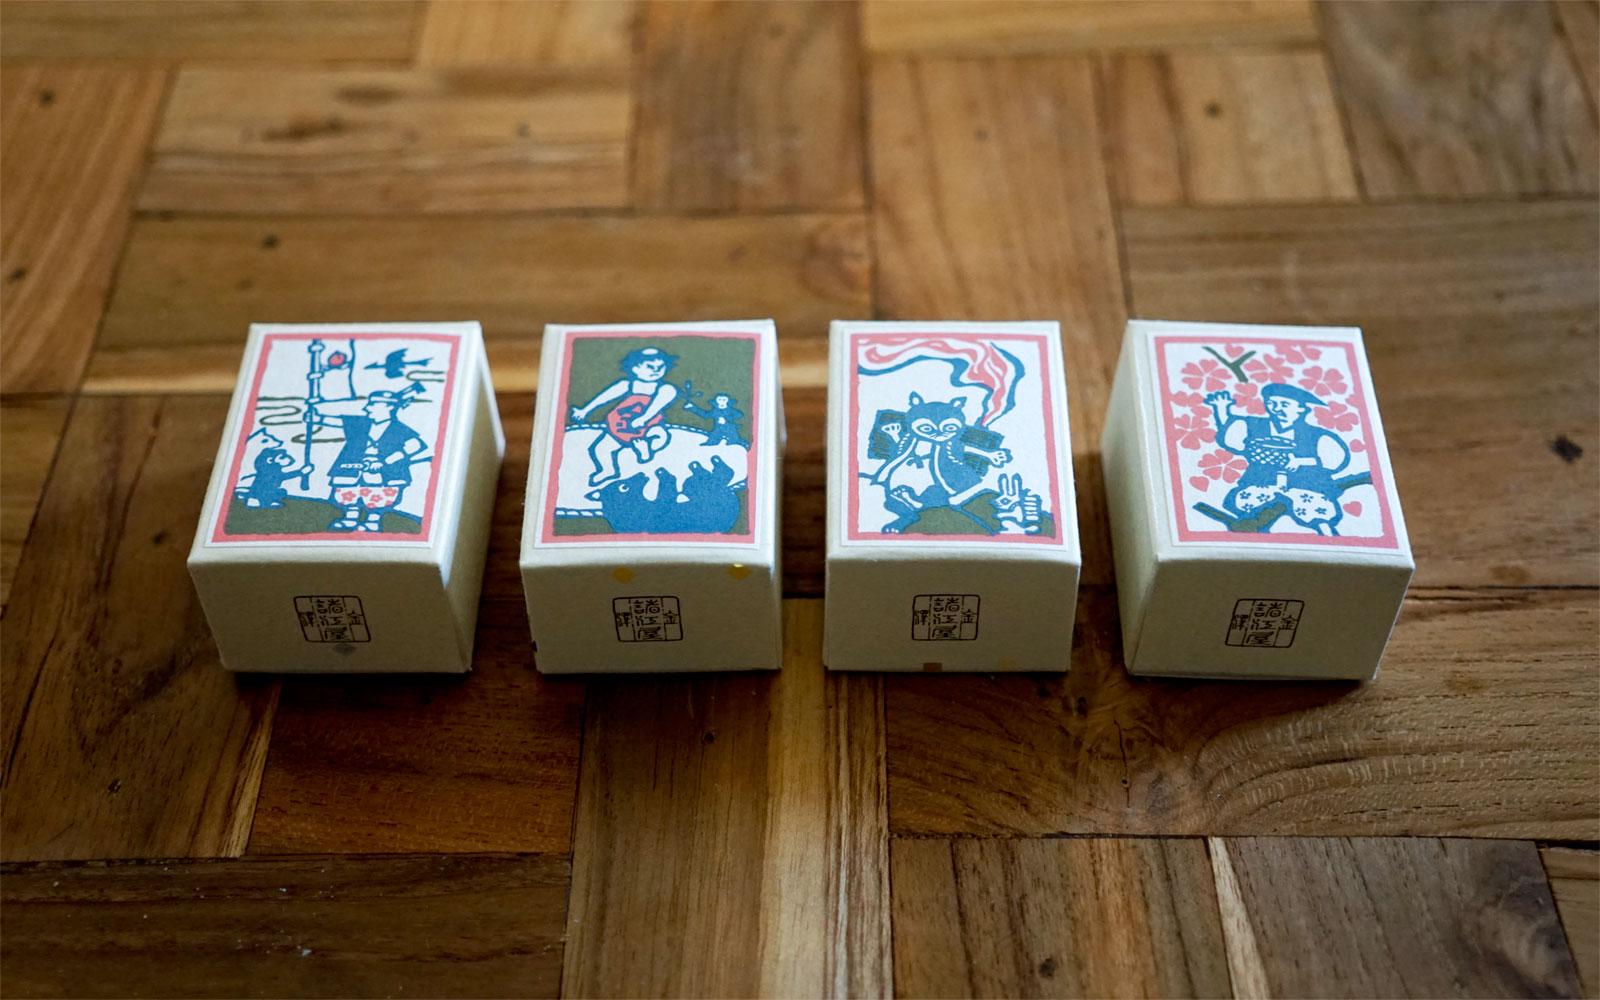 左から、桃太郎、金太郎、カチカチ山、花咲か爺さん